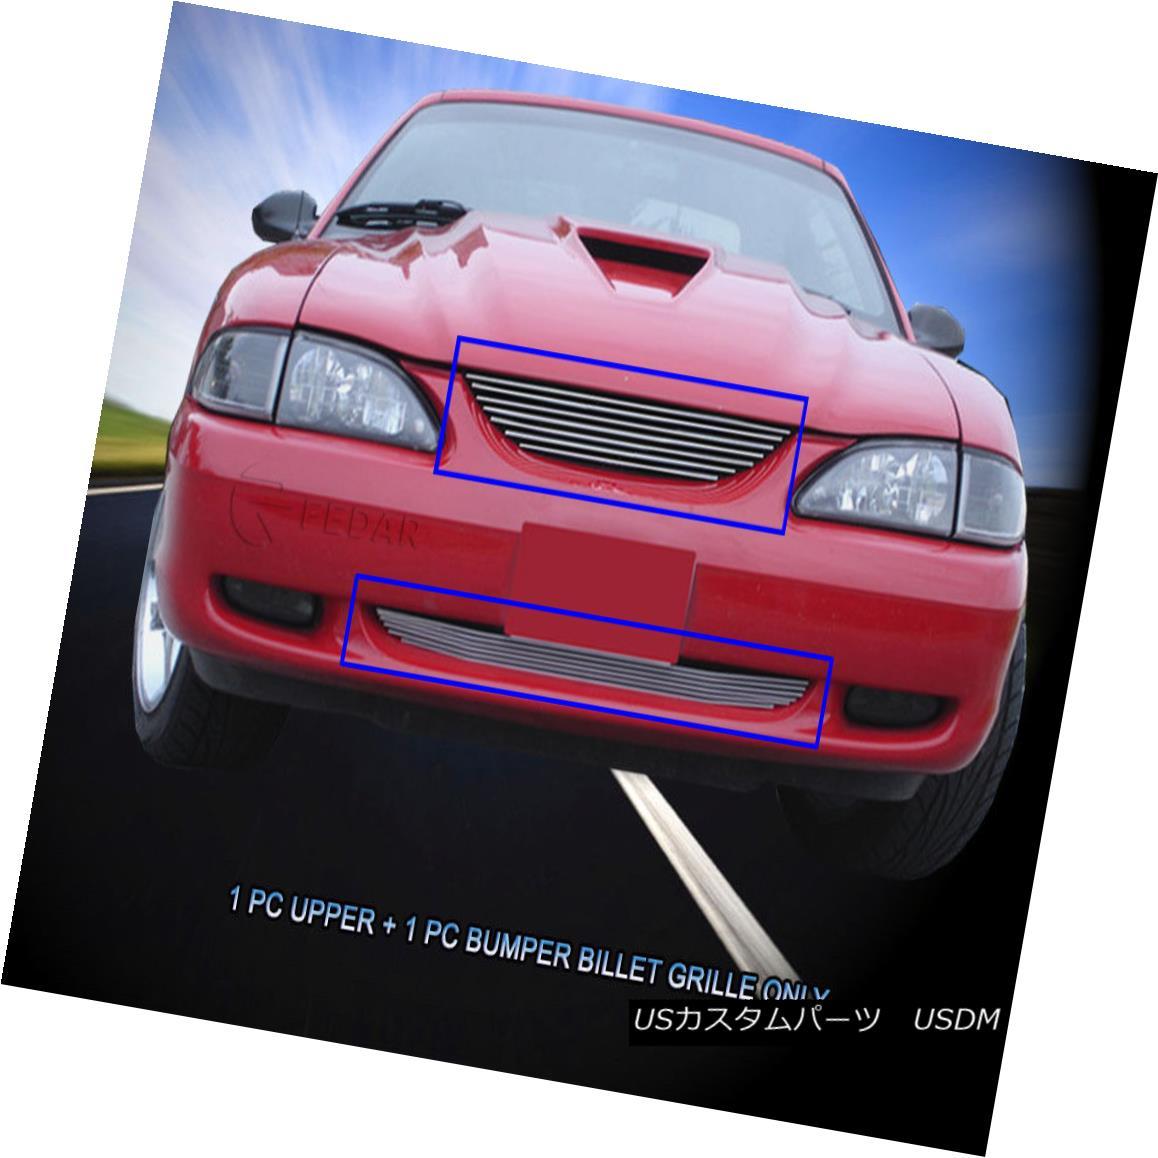 グリル Fits 1994-1998 Ford Mustang Billet Grille Grill Combo Insert Fedar フィット1994-1998フォードマスタングビレットグリルグリルコンボインサートFedar